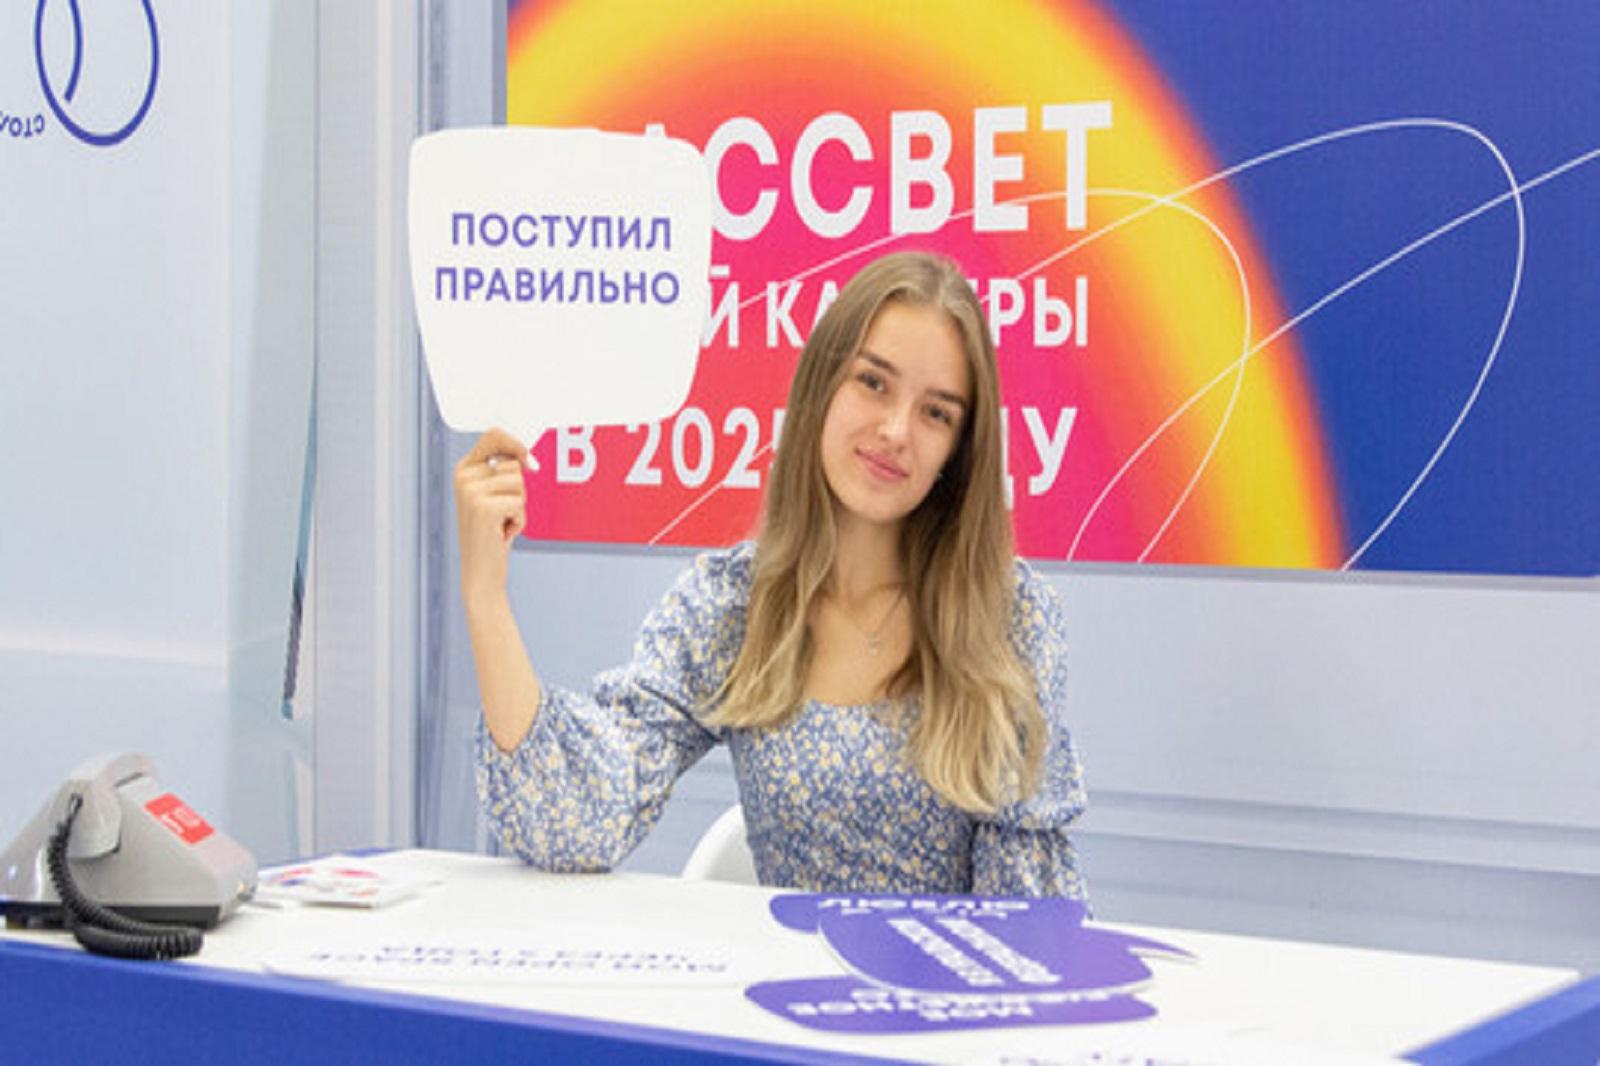 乌拉尔联邦大学今年年度录取计划全面完成!插图-小狮座俄罗斯留学